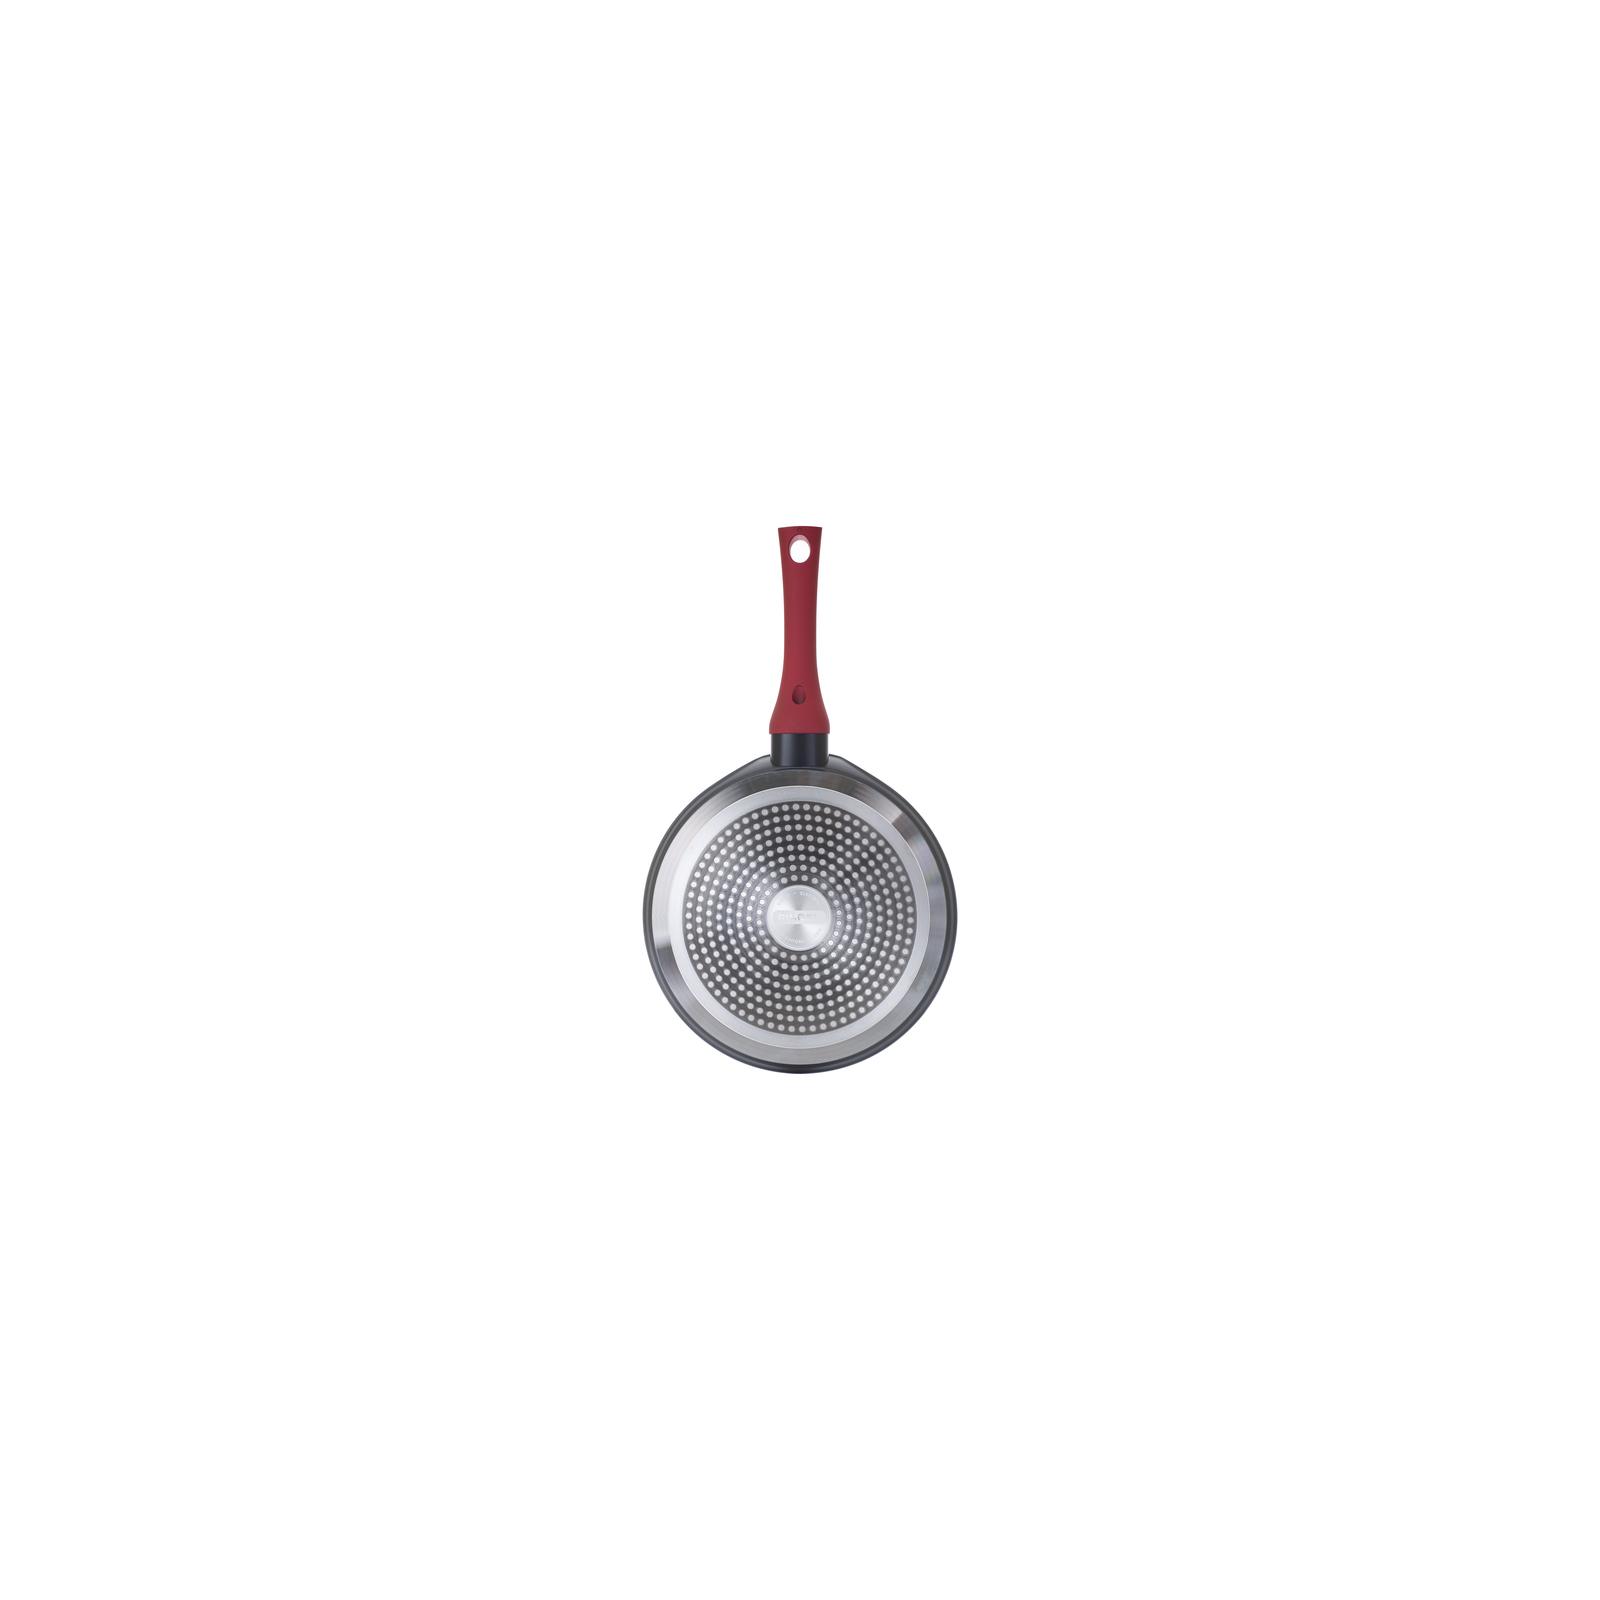 Сковорода Ringel Chili 25 см для блинов (RG-1101-25) изображение 3